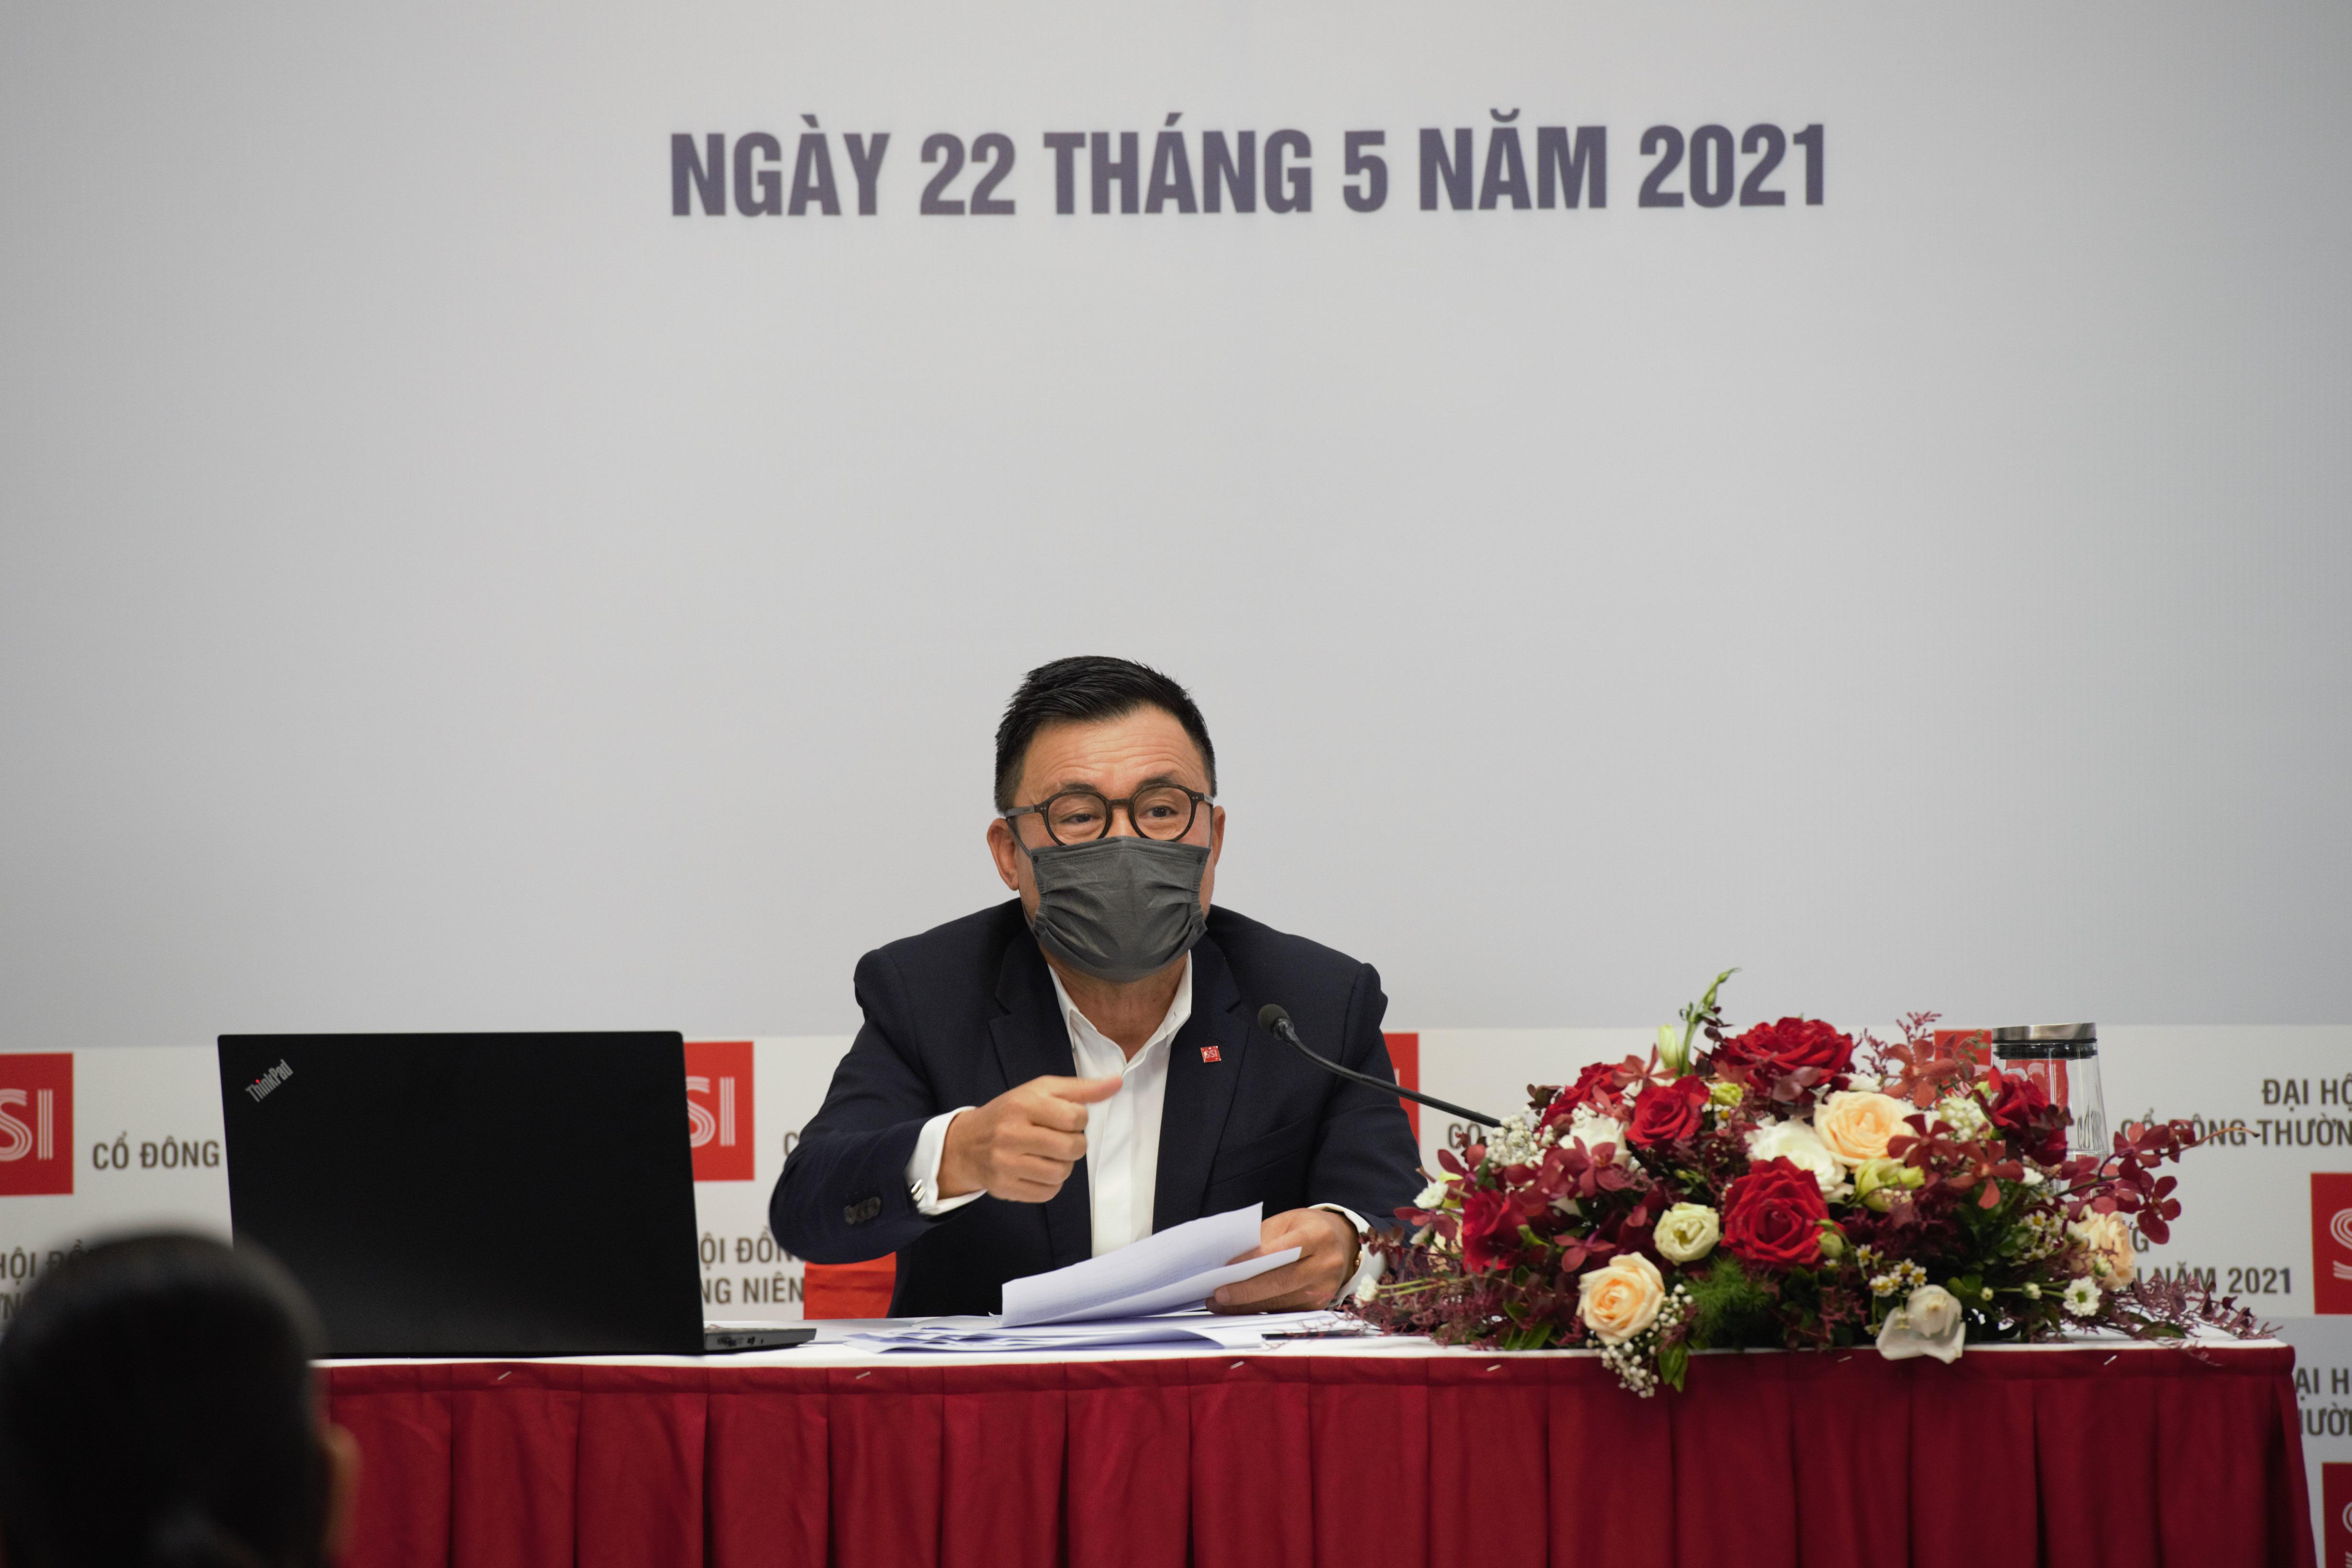 Ông Nguyễn Duy Hưng: Chứng khoán năm 2021 sẽ tốt hơn 2020, tốt không có nghĩa là chỉ có lên